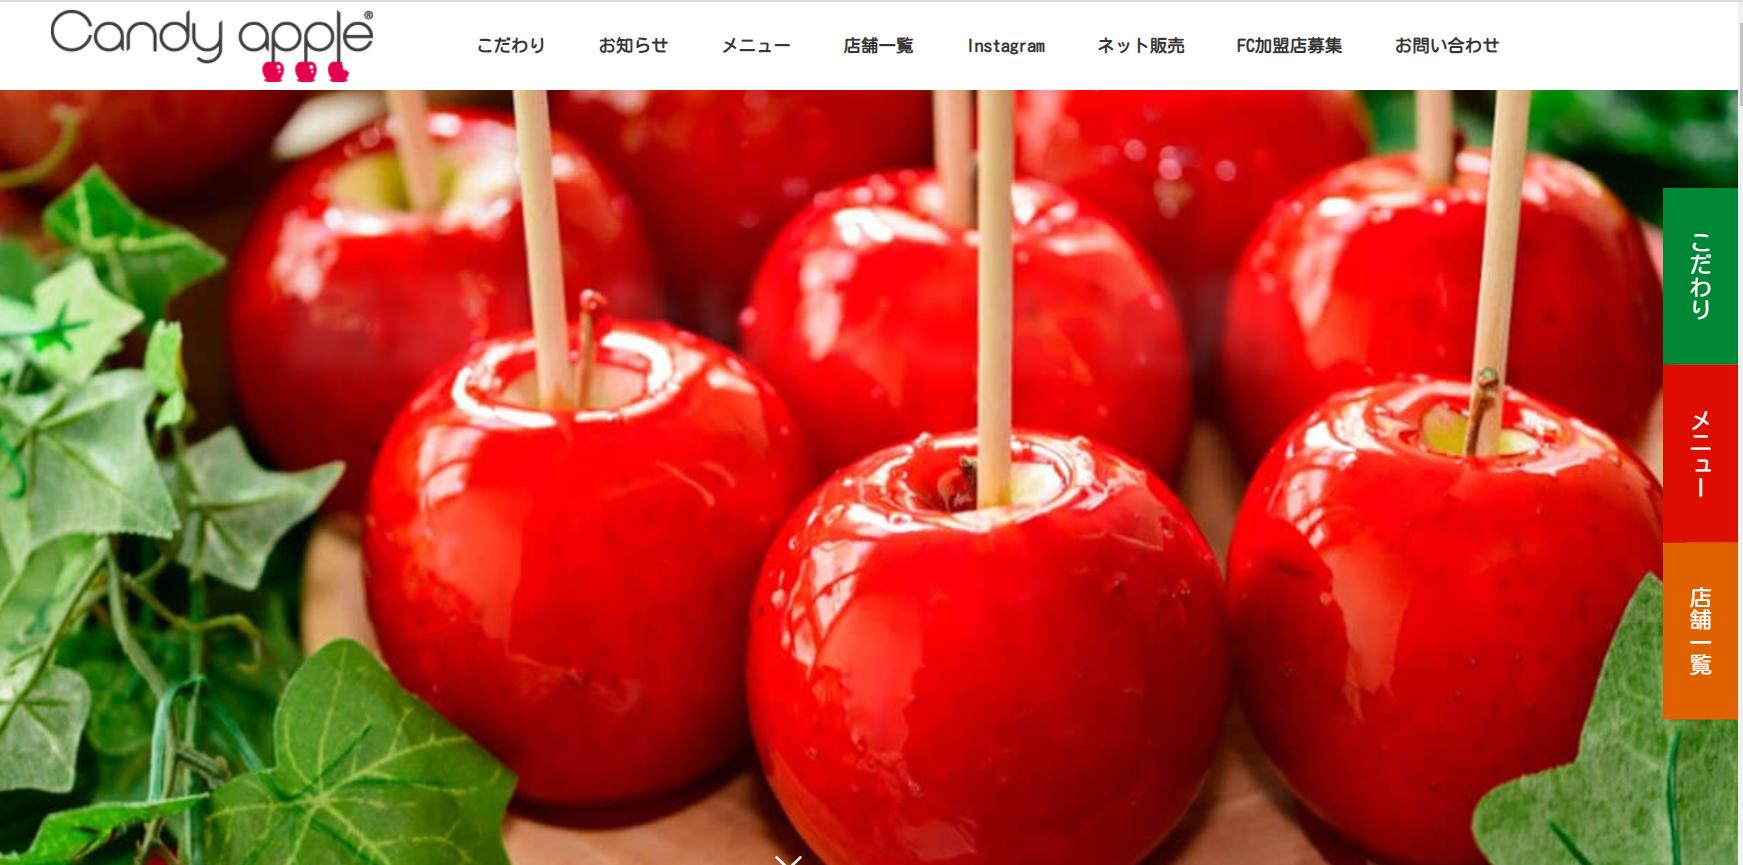 キャンディアップルホームページ